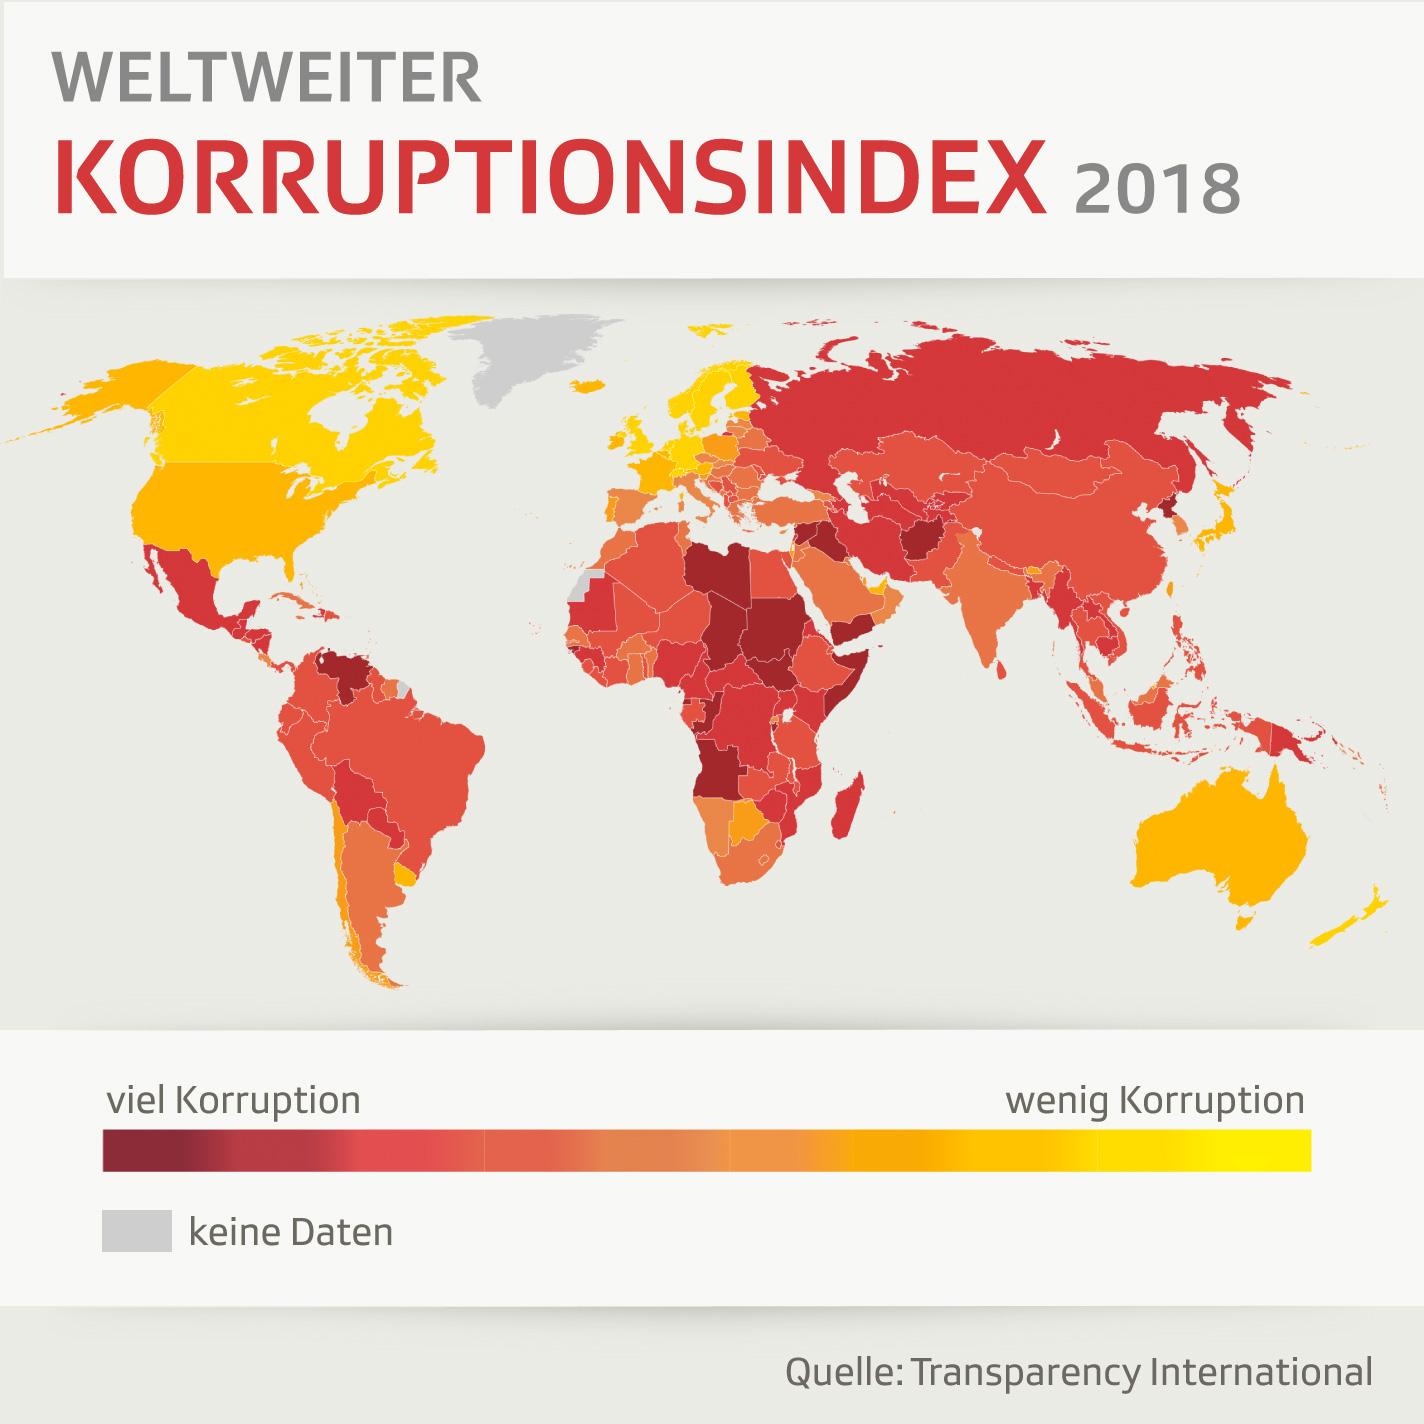 Weltkarte mit farblich markierten Ländern je nach Grad der Korruption